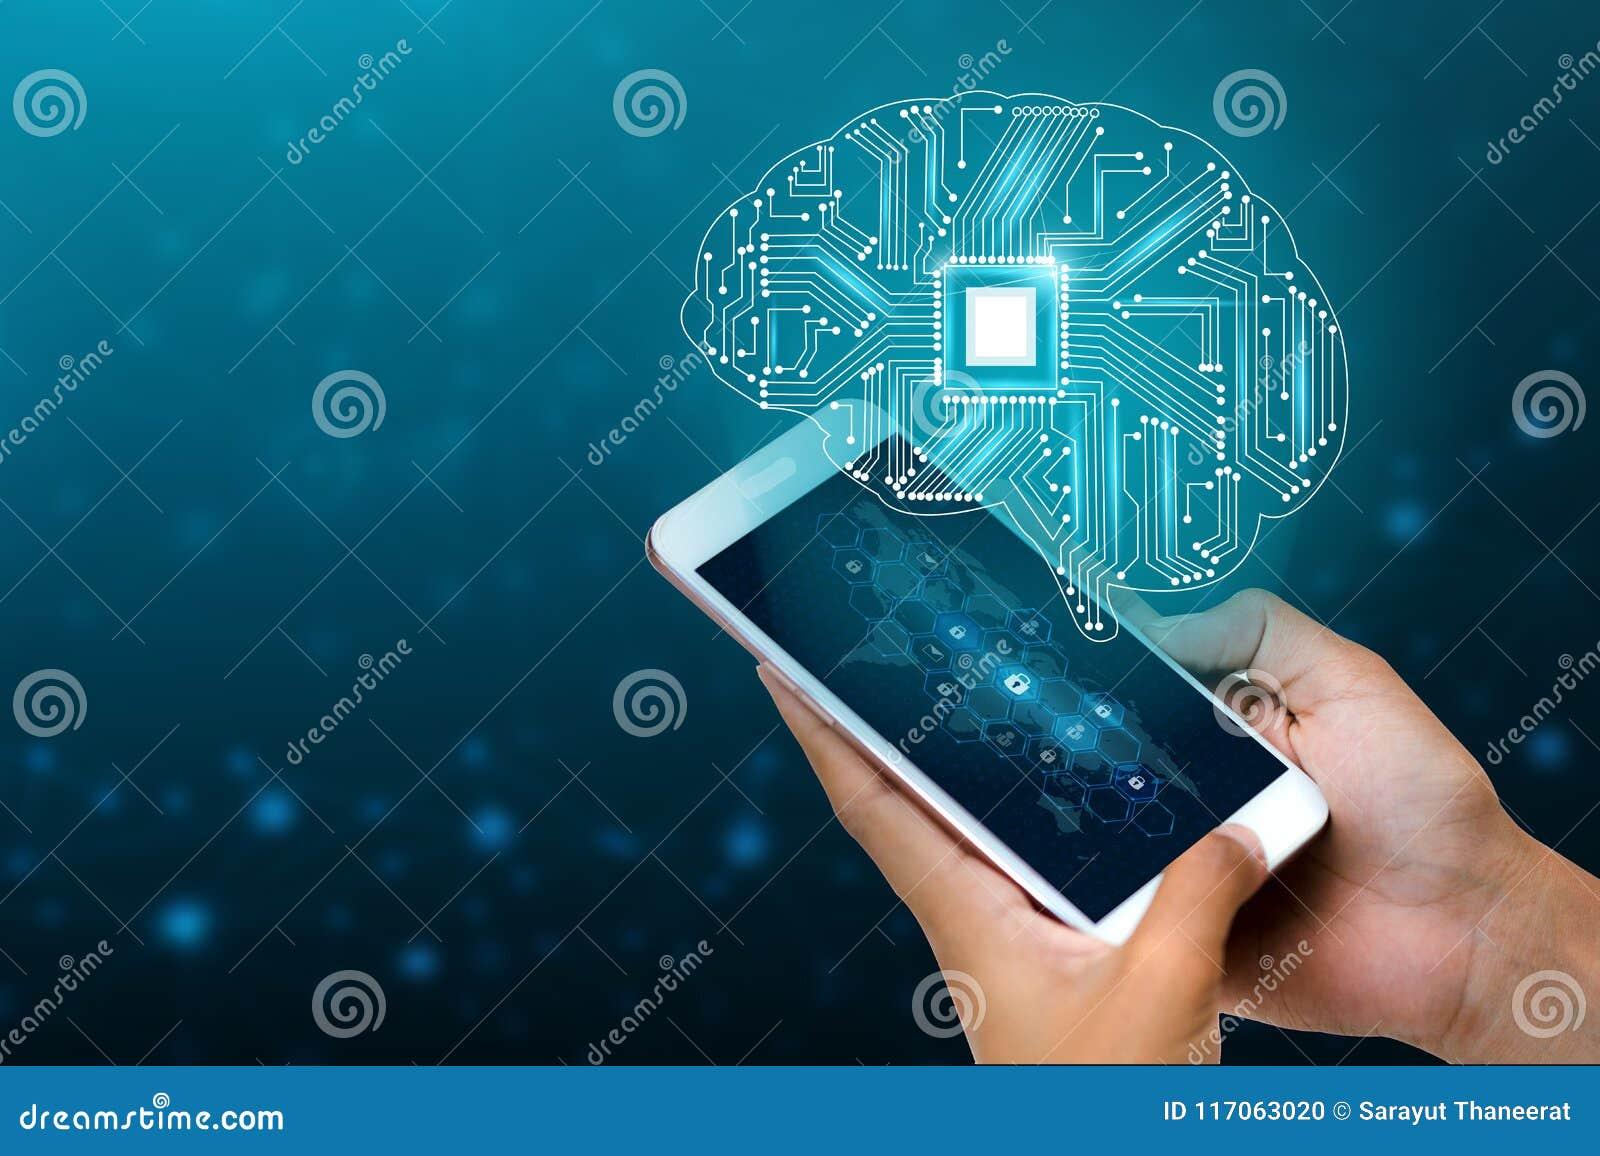 所有是大罐头概念创建创建齿轮齿轮图象解释一部分其他转动转动几小更小认为二种方式的好主意想法 与脑子CPU头脑系列技术标志主题的背景计算机科学,人为